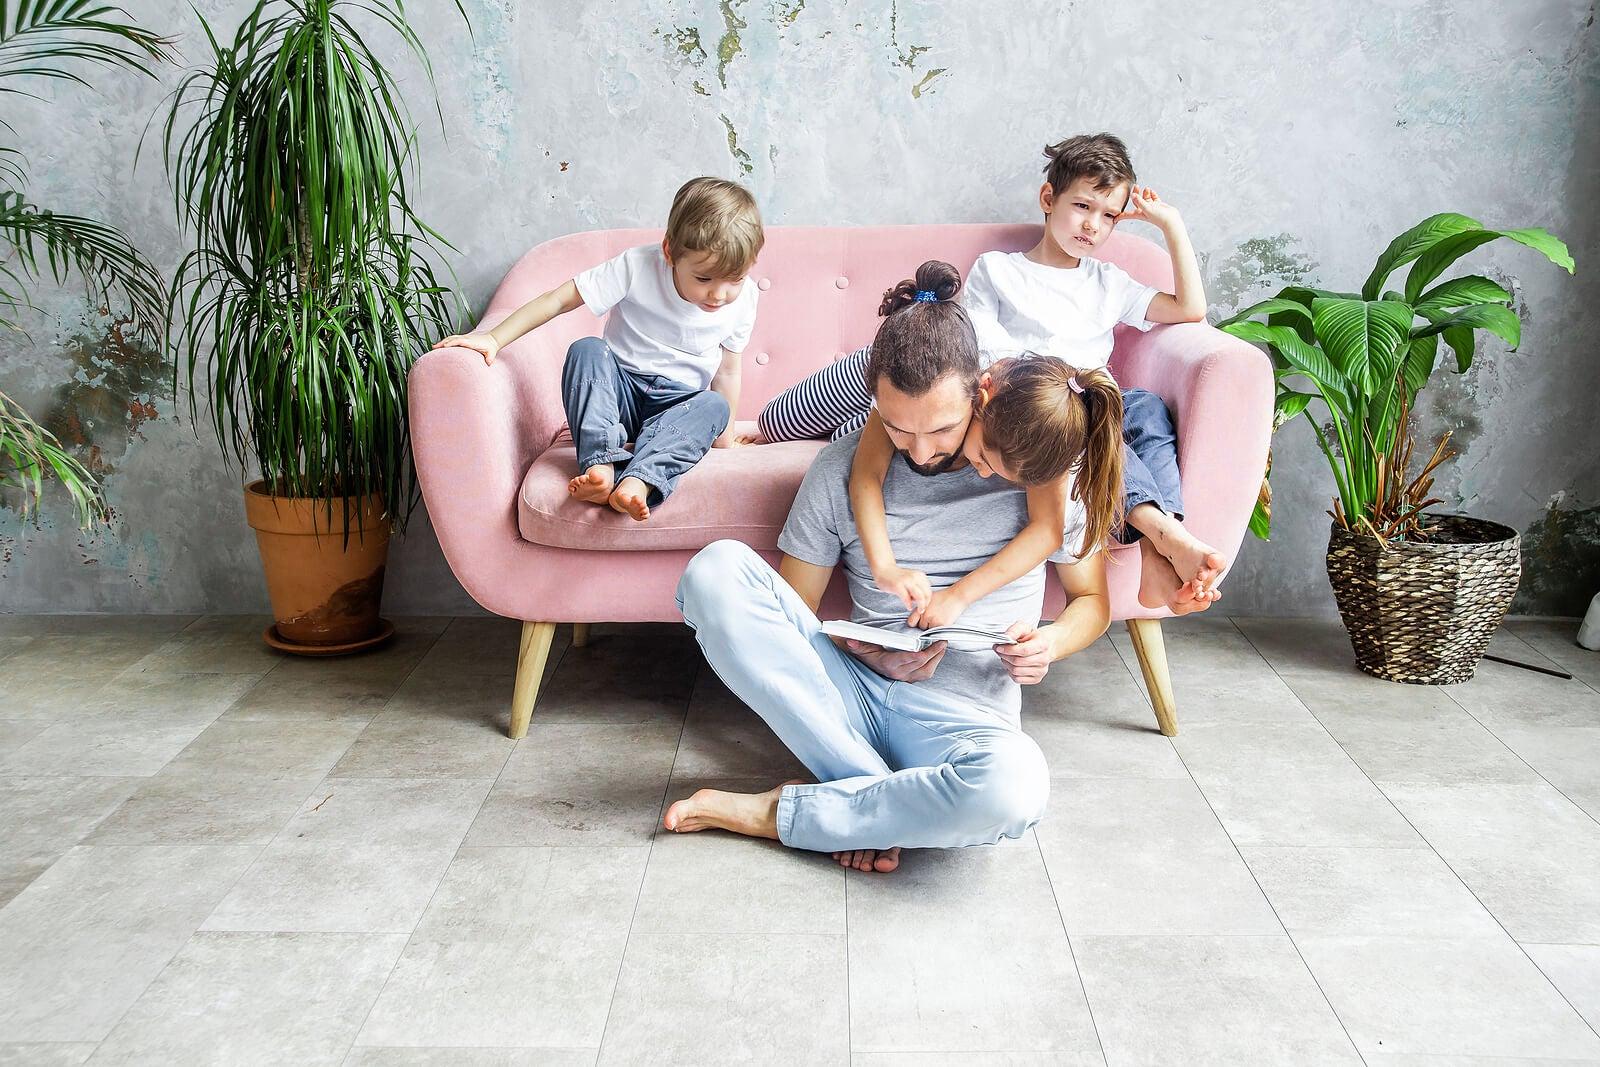 Padre leyendo a sus hijos en voz alta un cuento.